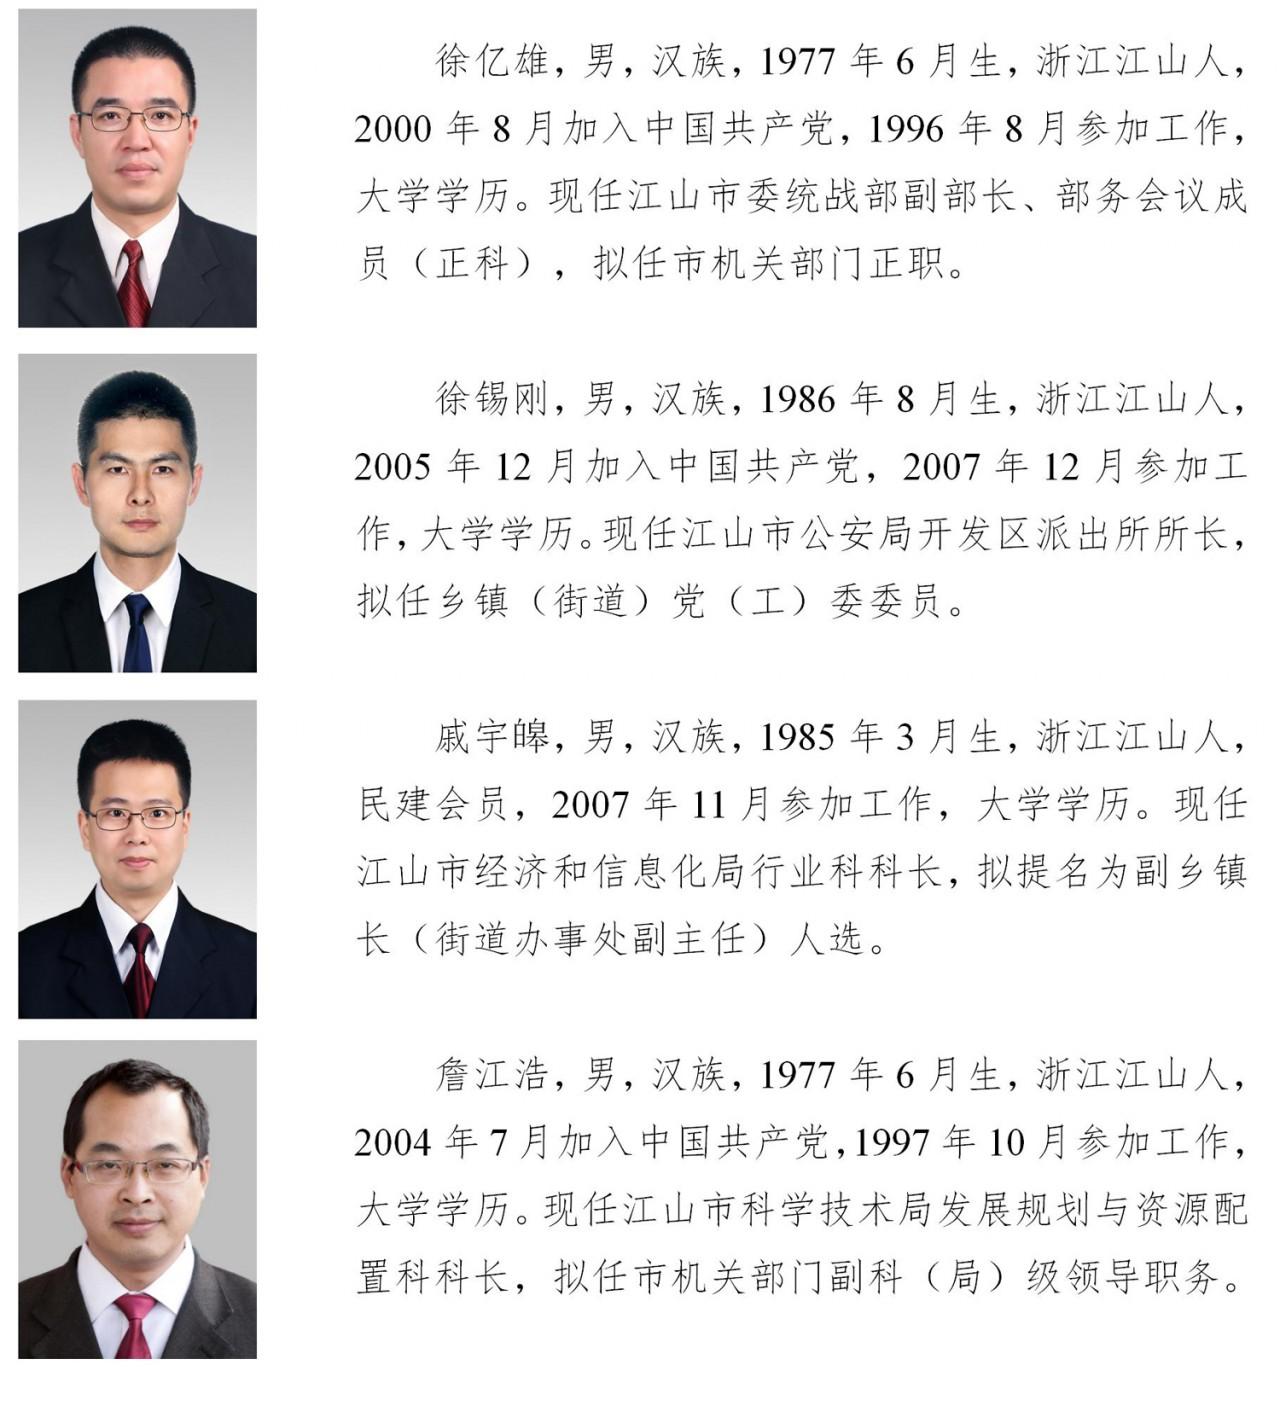 江山市領導干部任前公示通-06.jpg